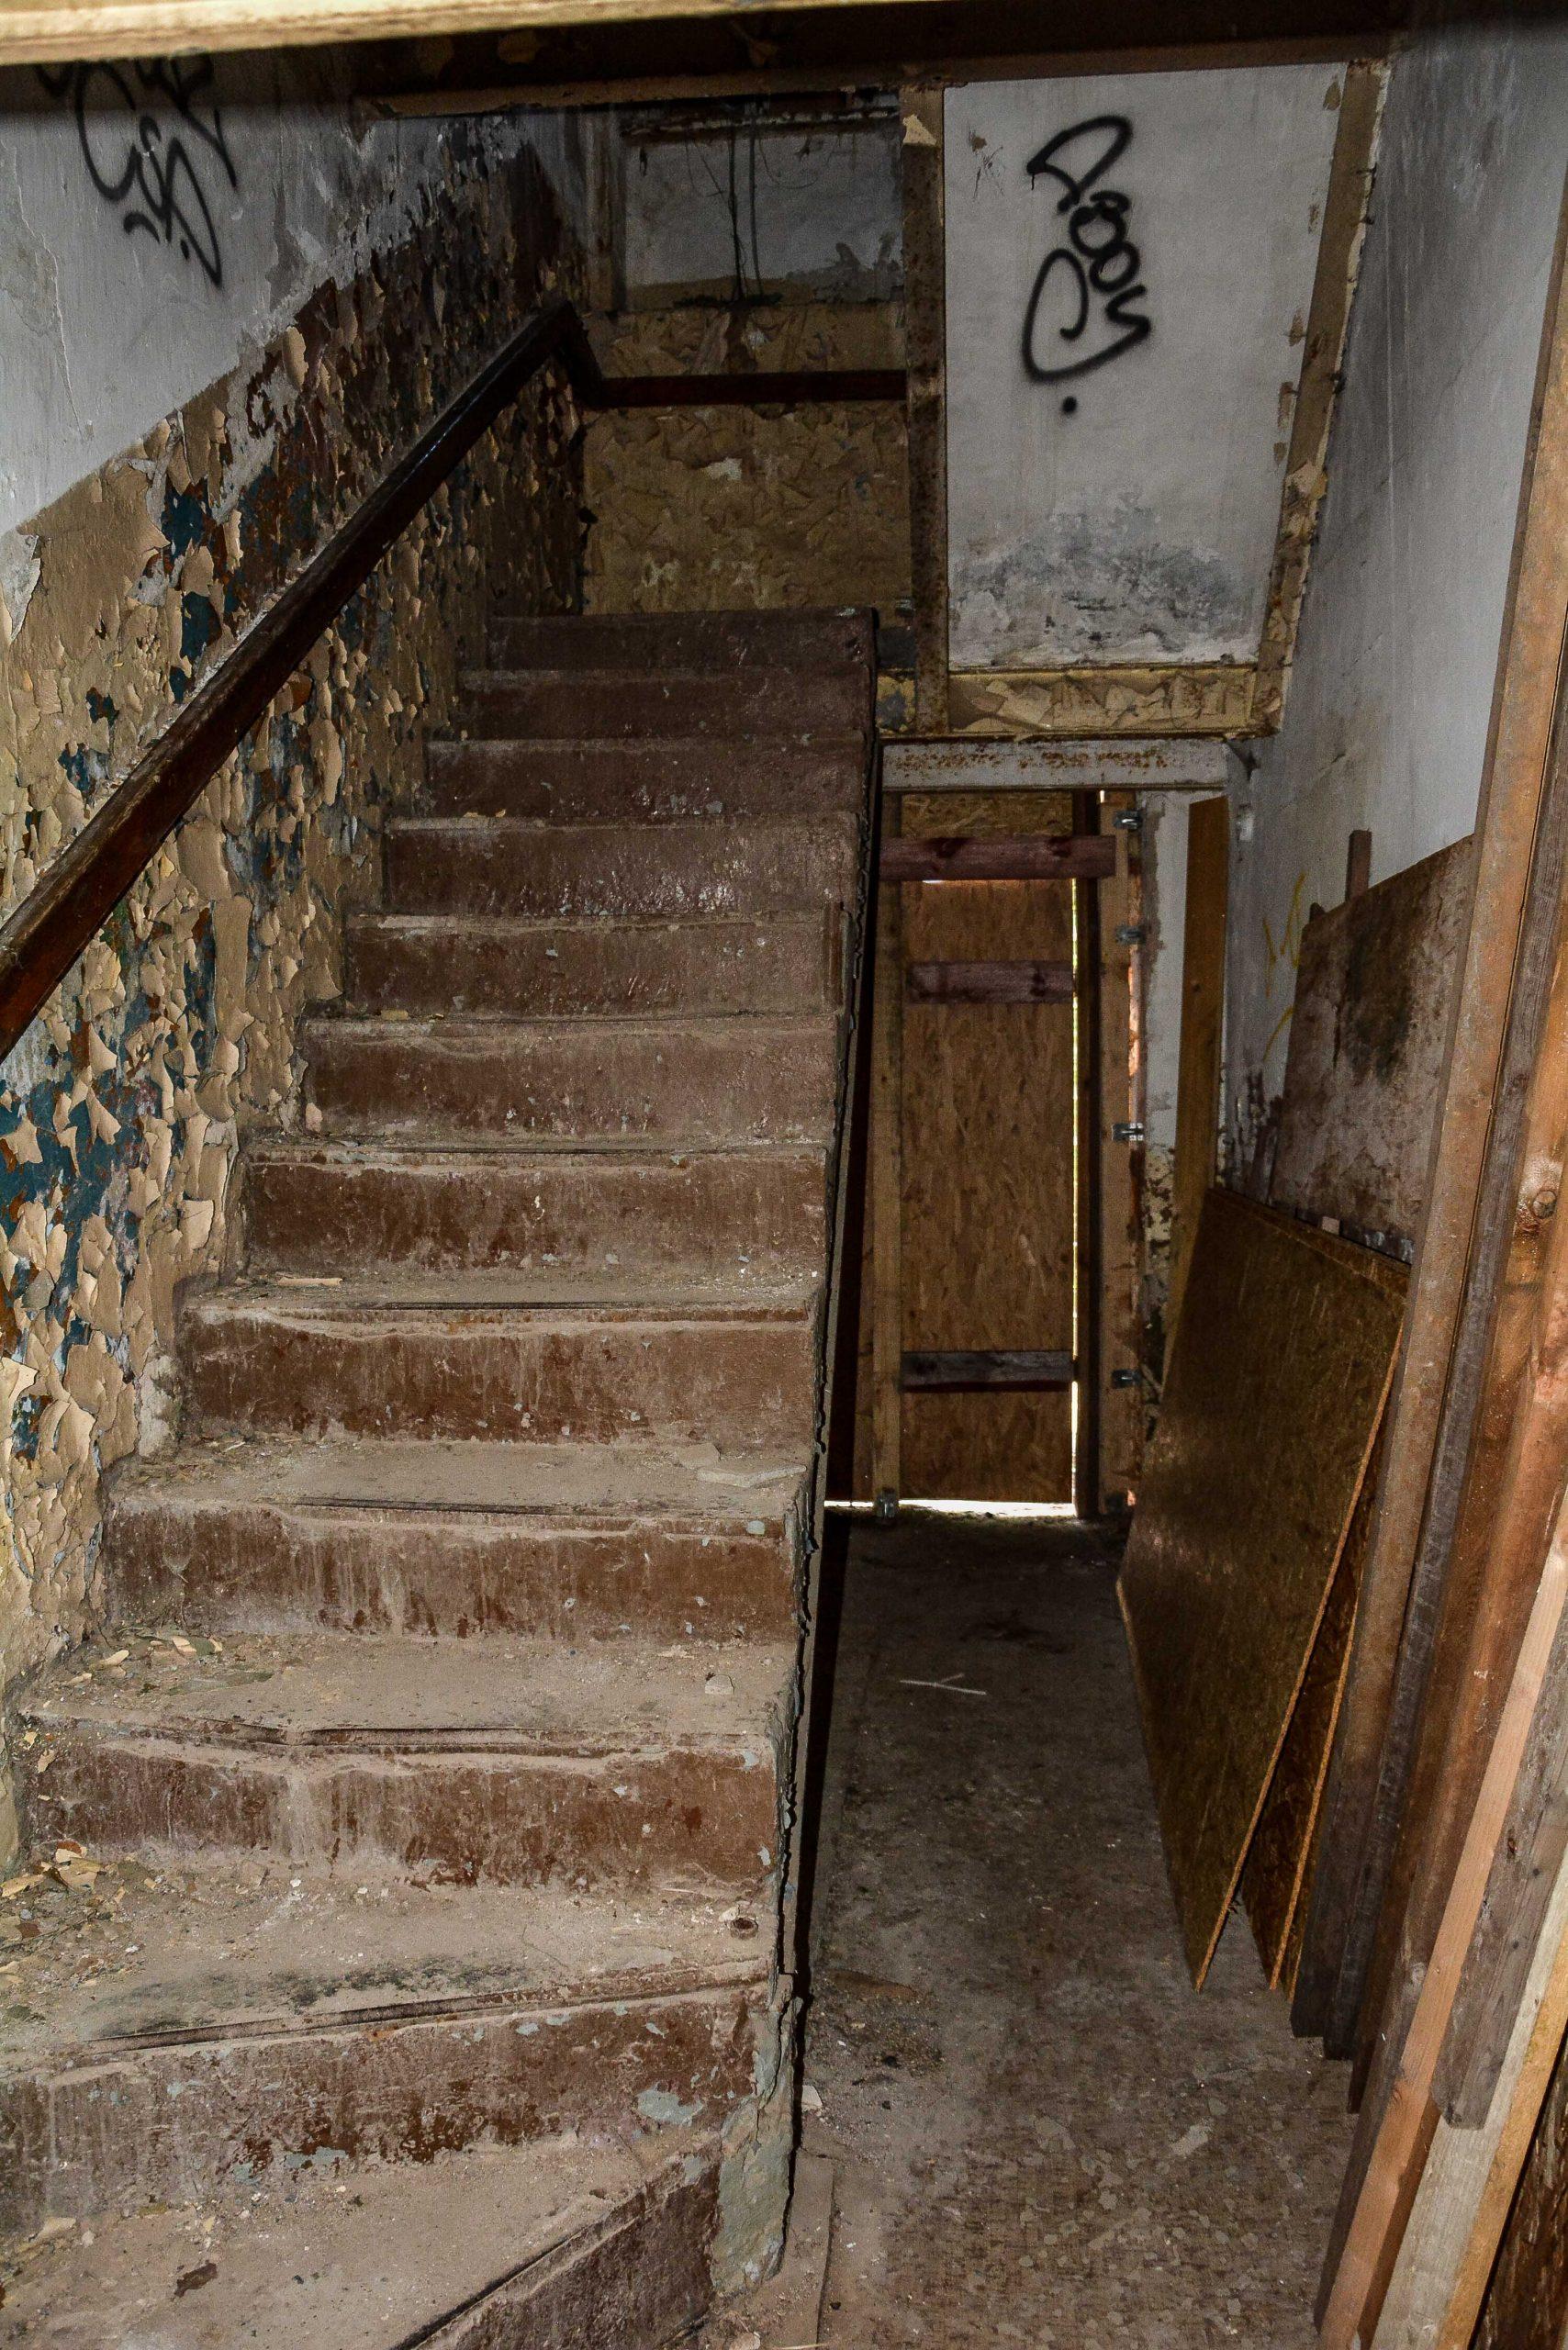 herrenhaus gentzrode treppe lost places brandenburg neuruppin gut gentzrode ost deutschland urbex abandoned